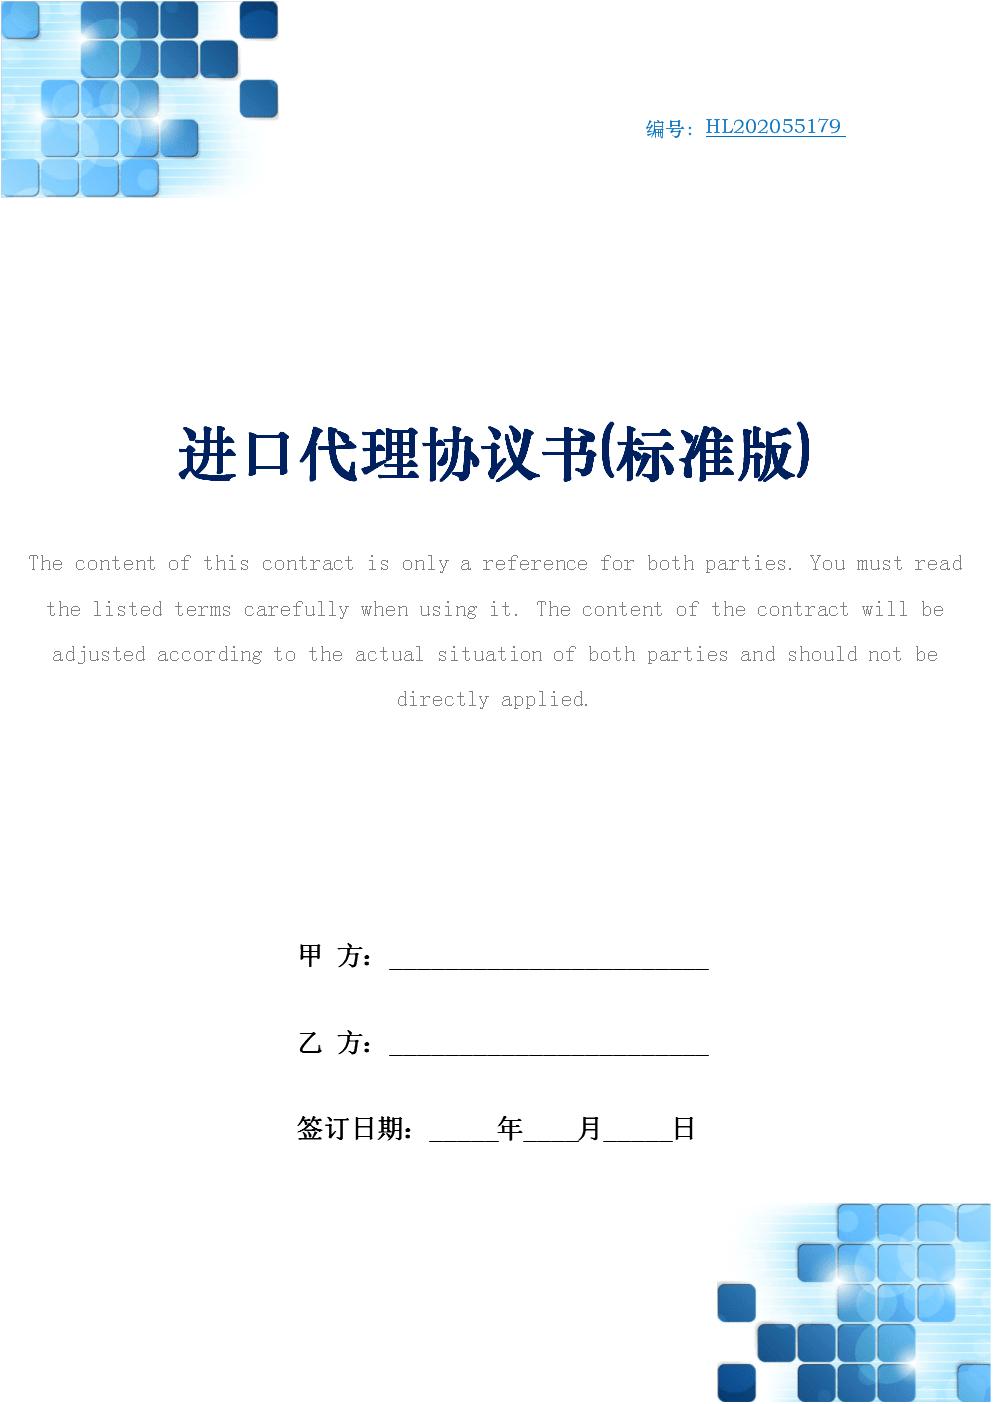 进口代理协议书(标准版).docx